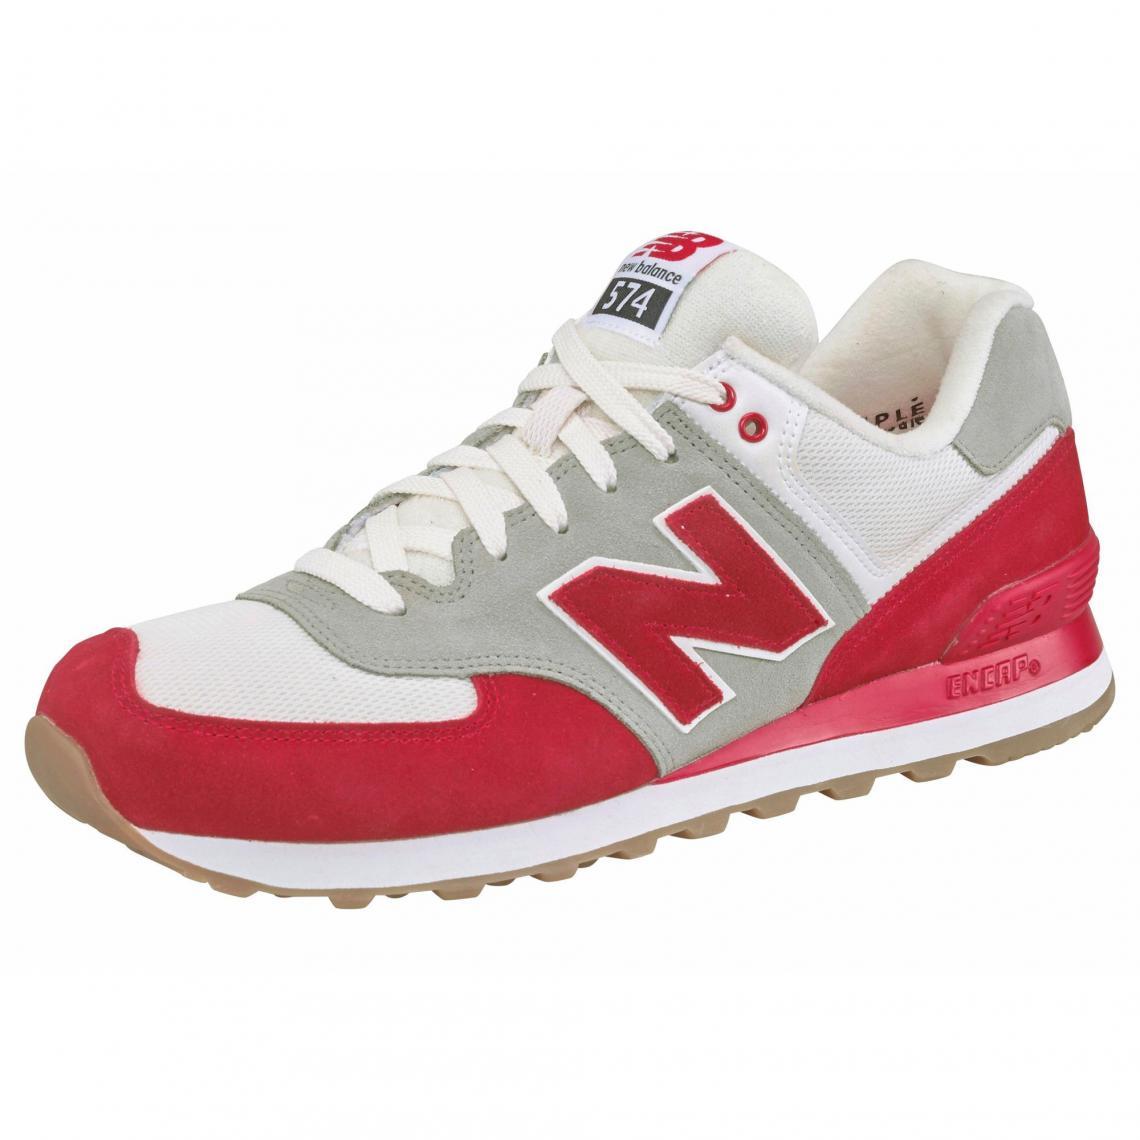 New Balance MRL574RSC chaussures de sport basses à lacets